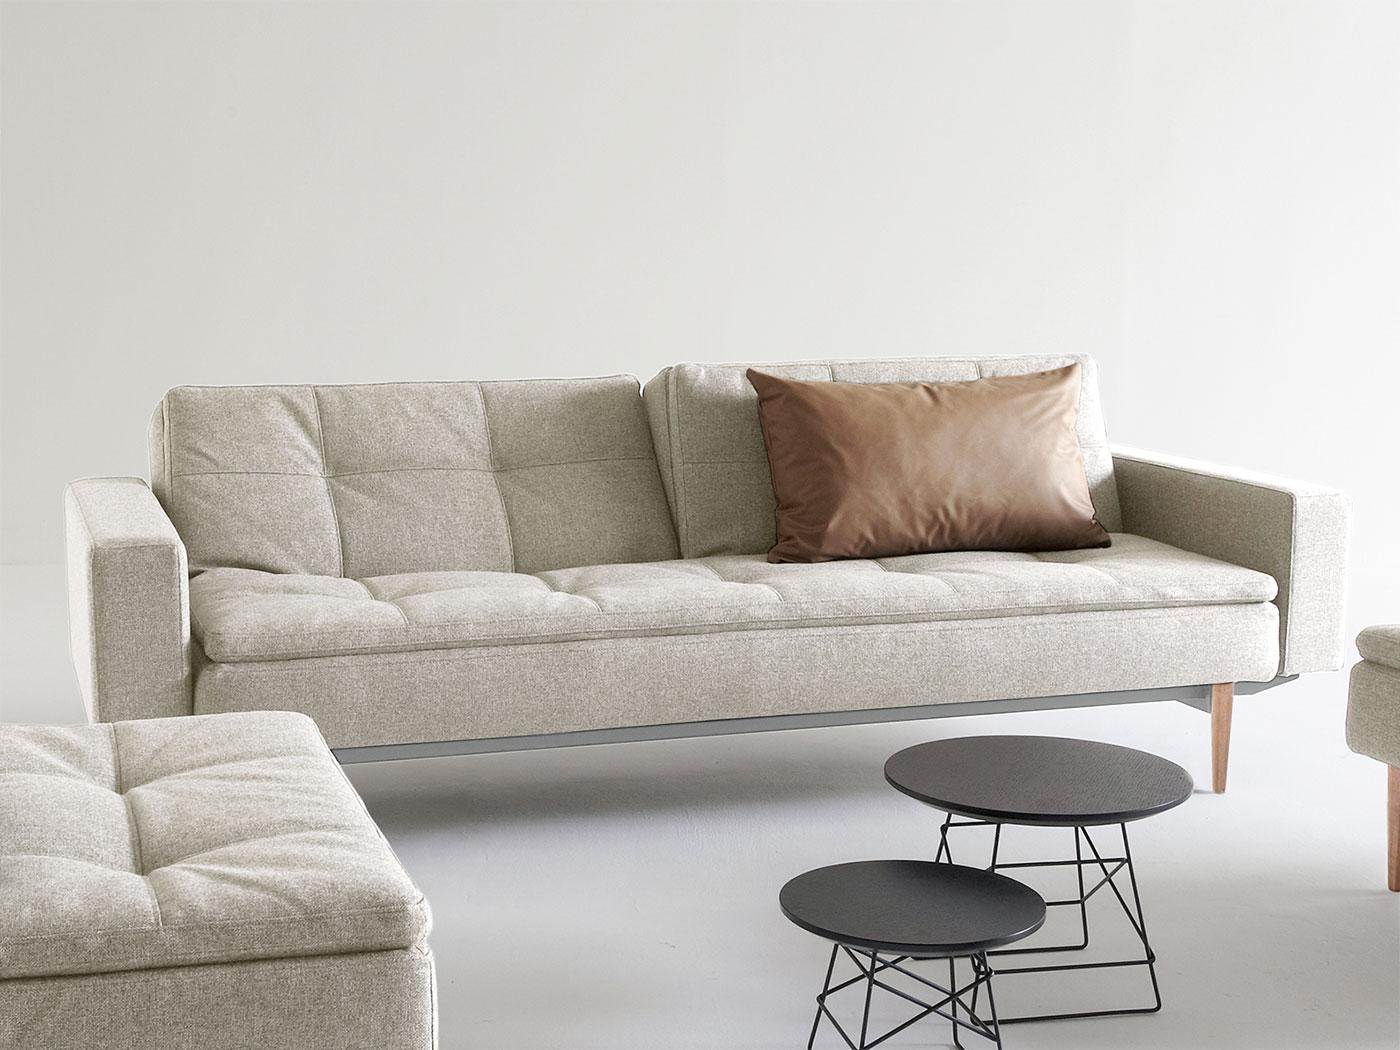 boxspring schlafsofa mit taschenfederkern und topper carol. Black Bedroom Furniture Sets. Home Design Ideas